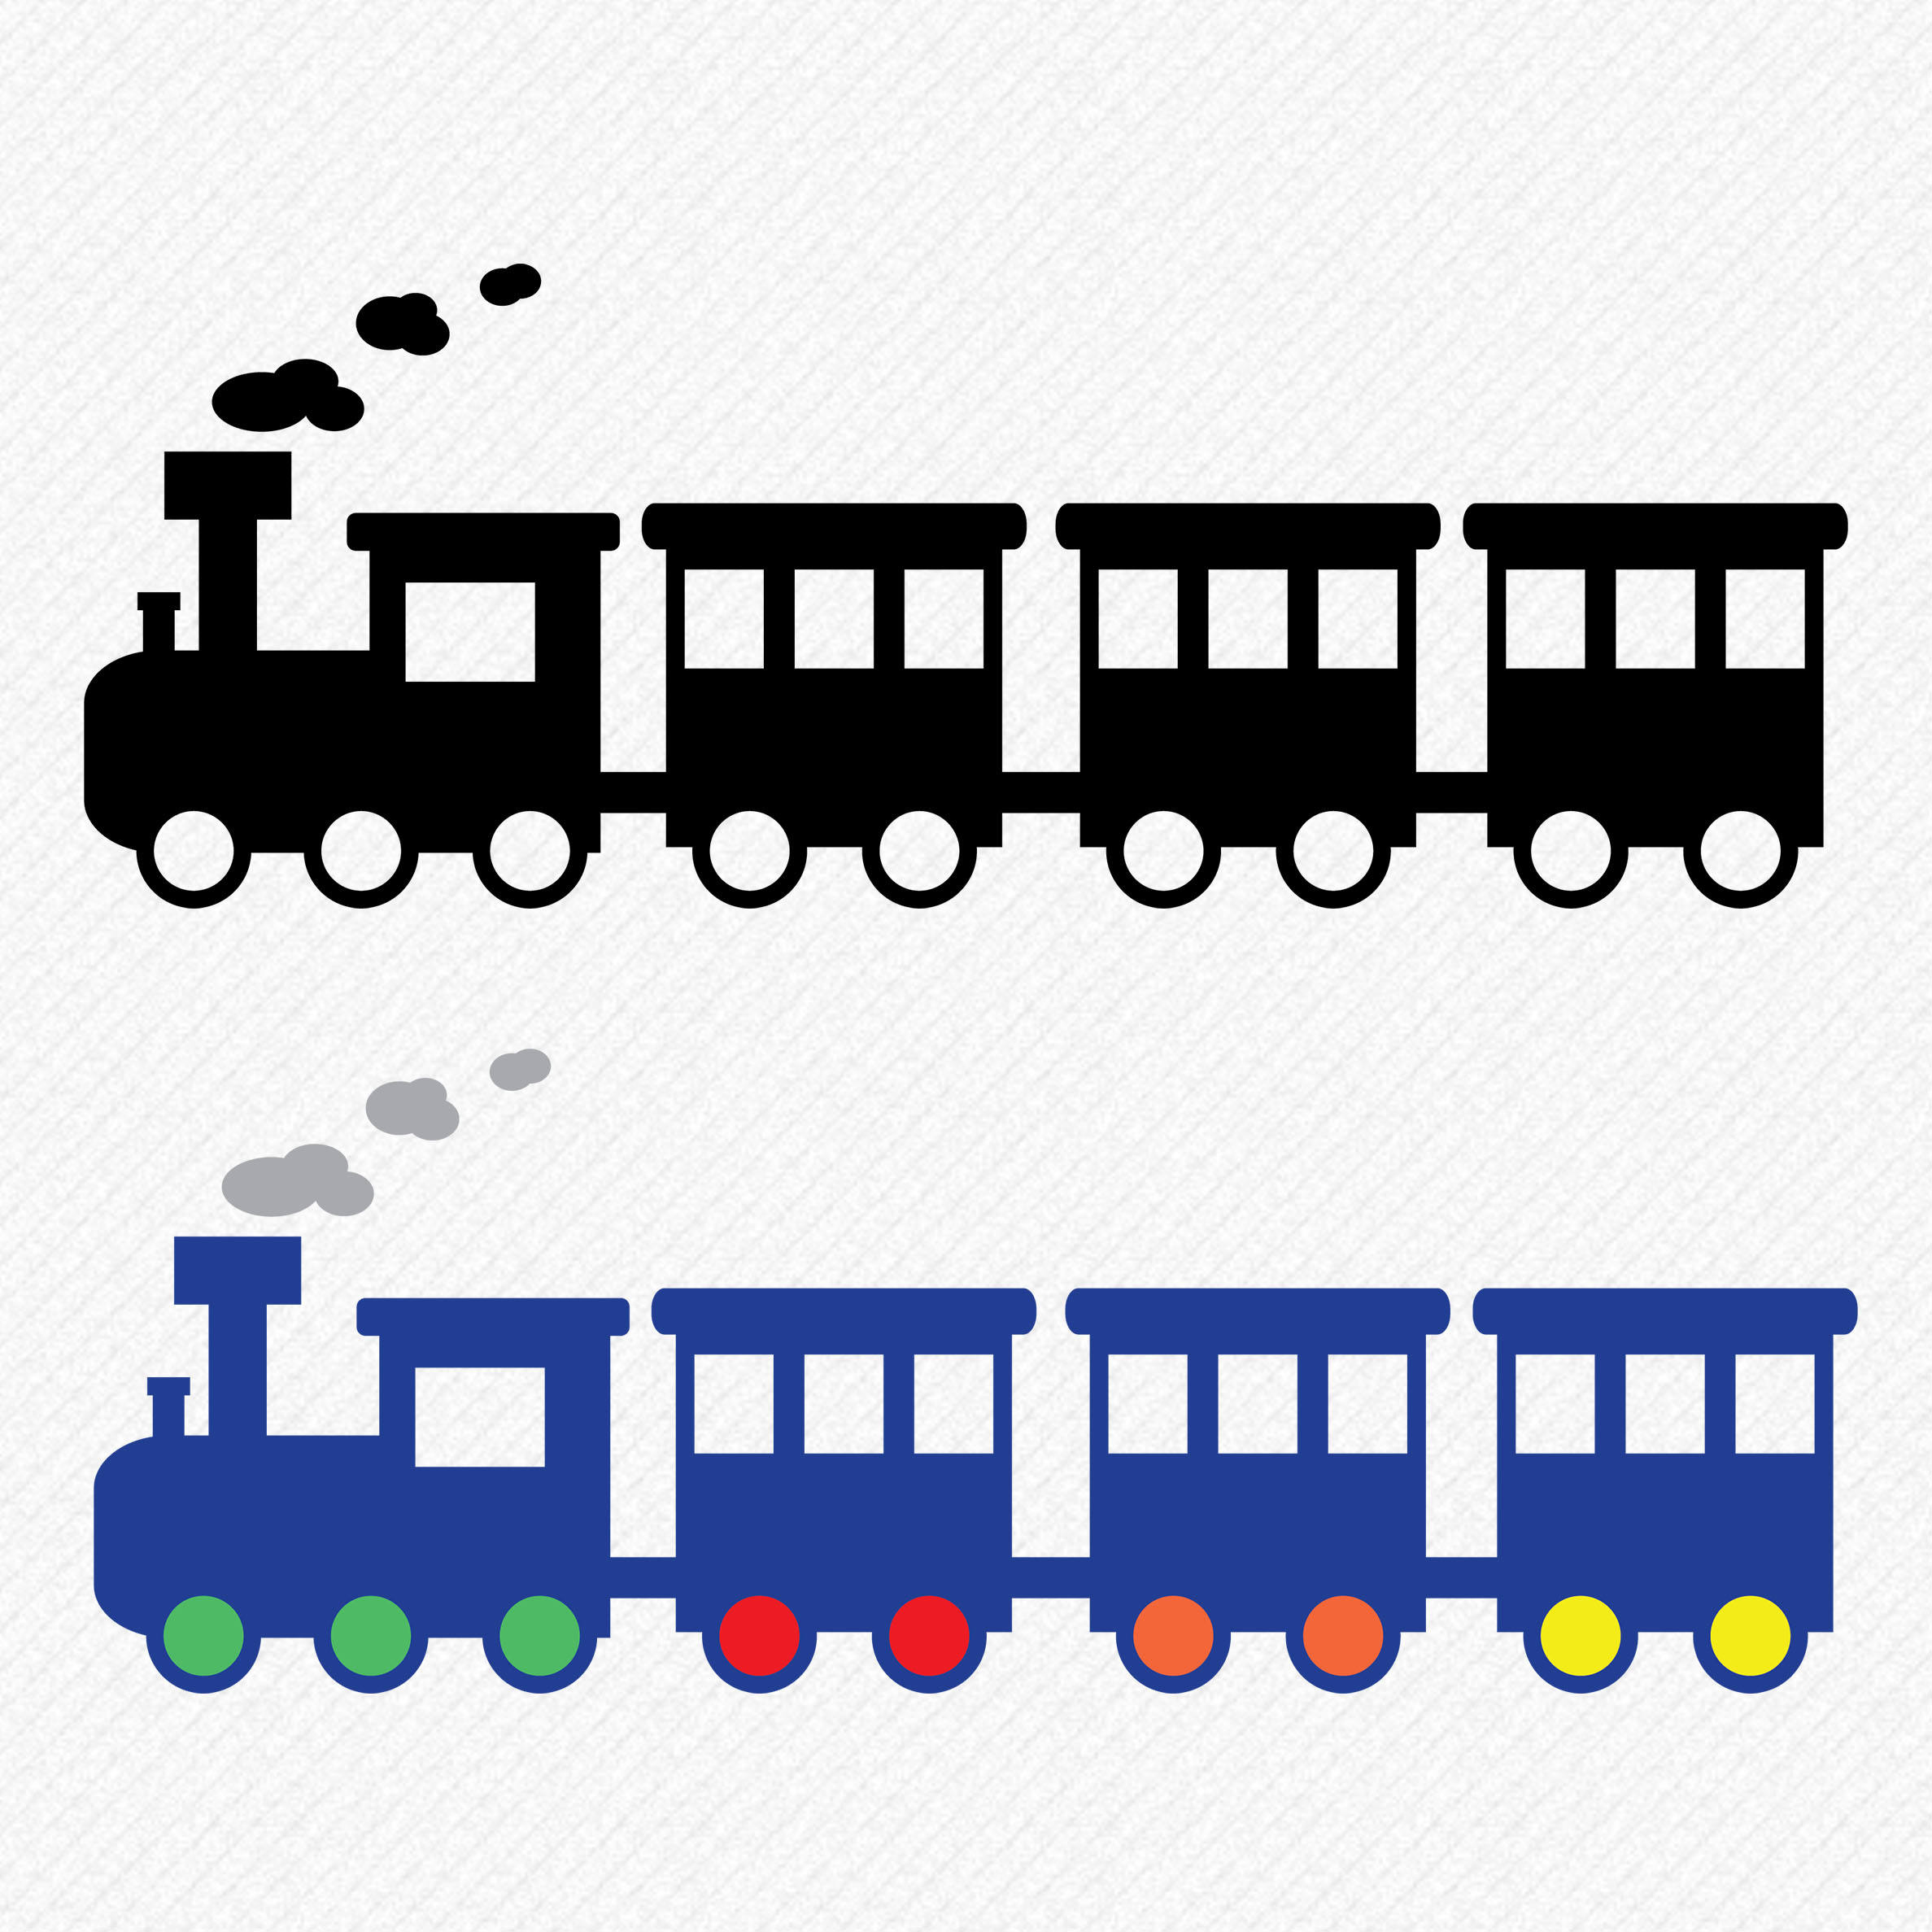 2375x2375 Train Silhouette Train Svg Train Clipart Train Vector